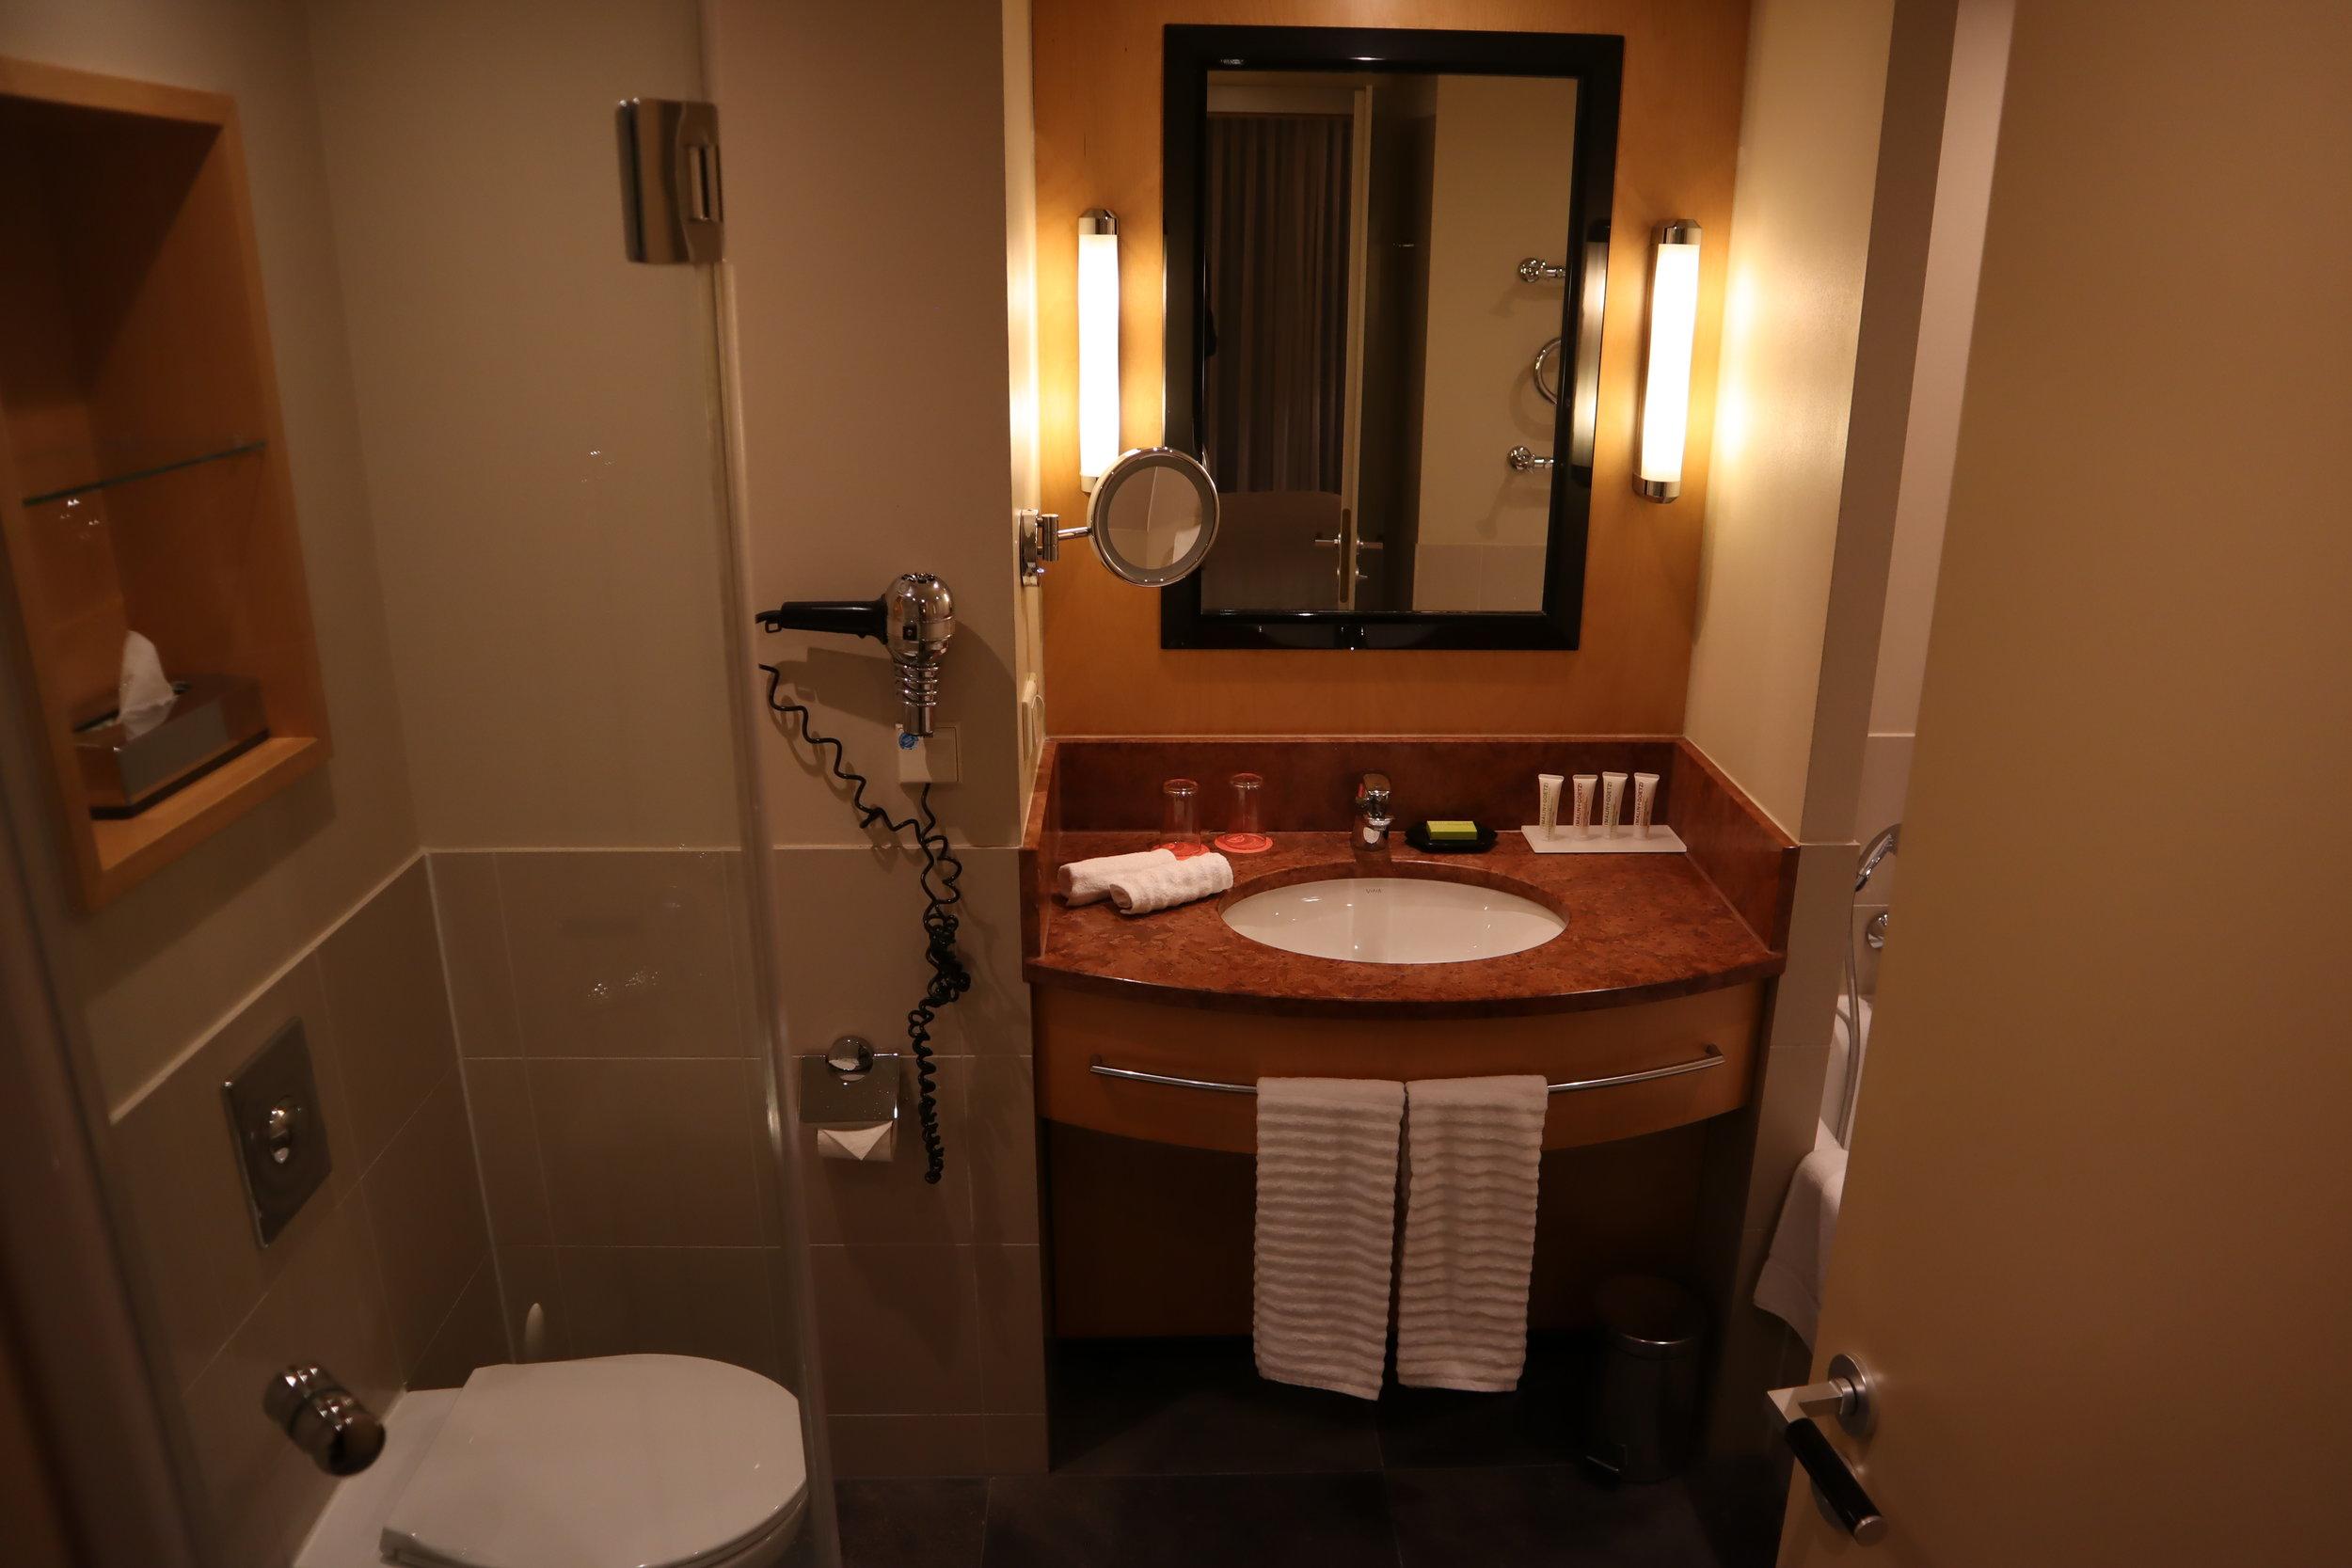 Le Méridien Munich – Bathroom